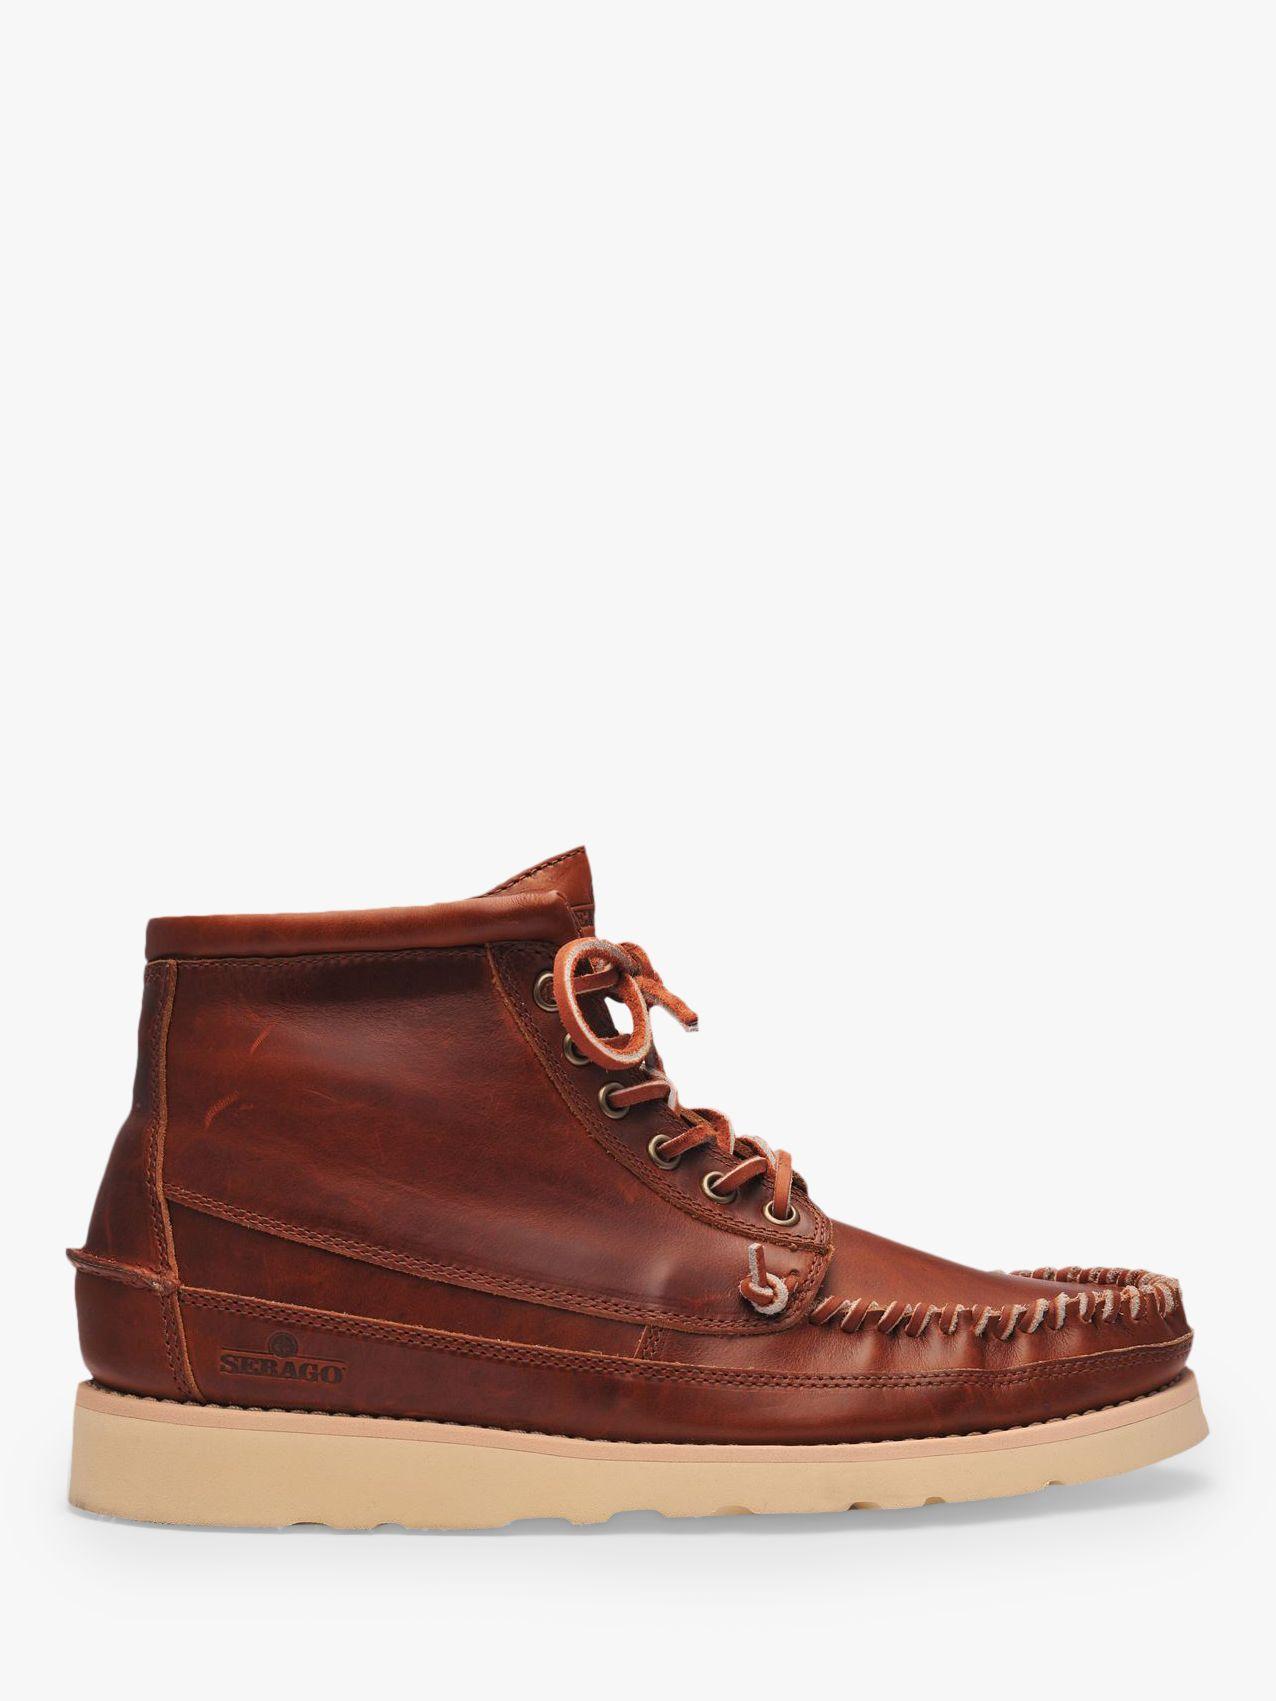 Sebago Sebago Campsides Seneca Mid Leather Moccasin Boots, Brown Cinnamon